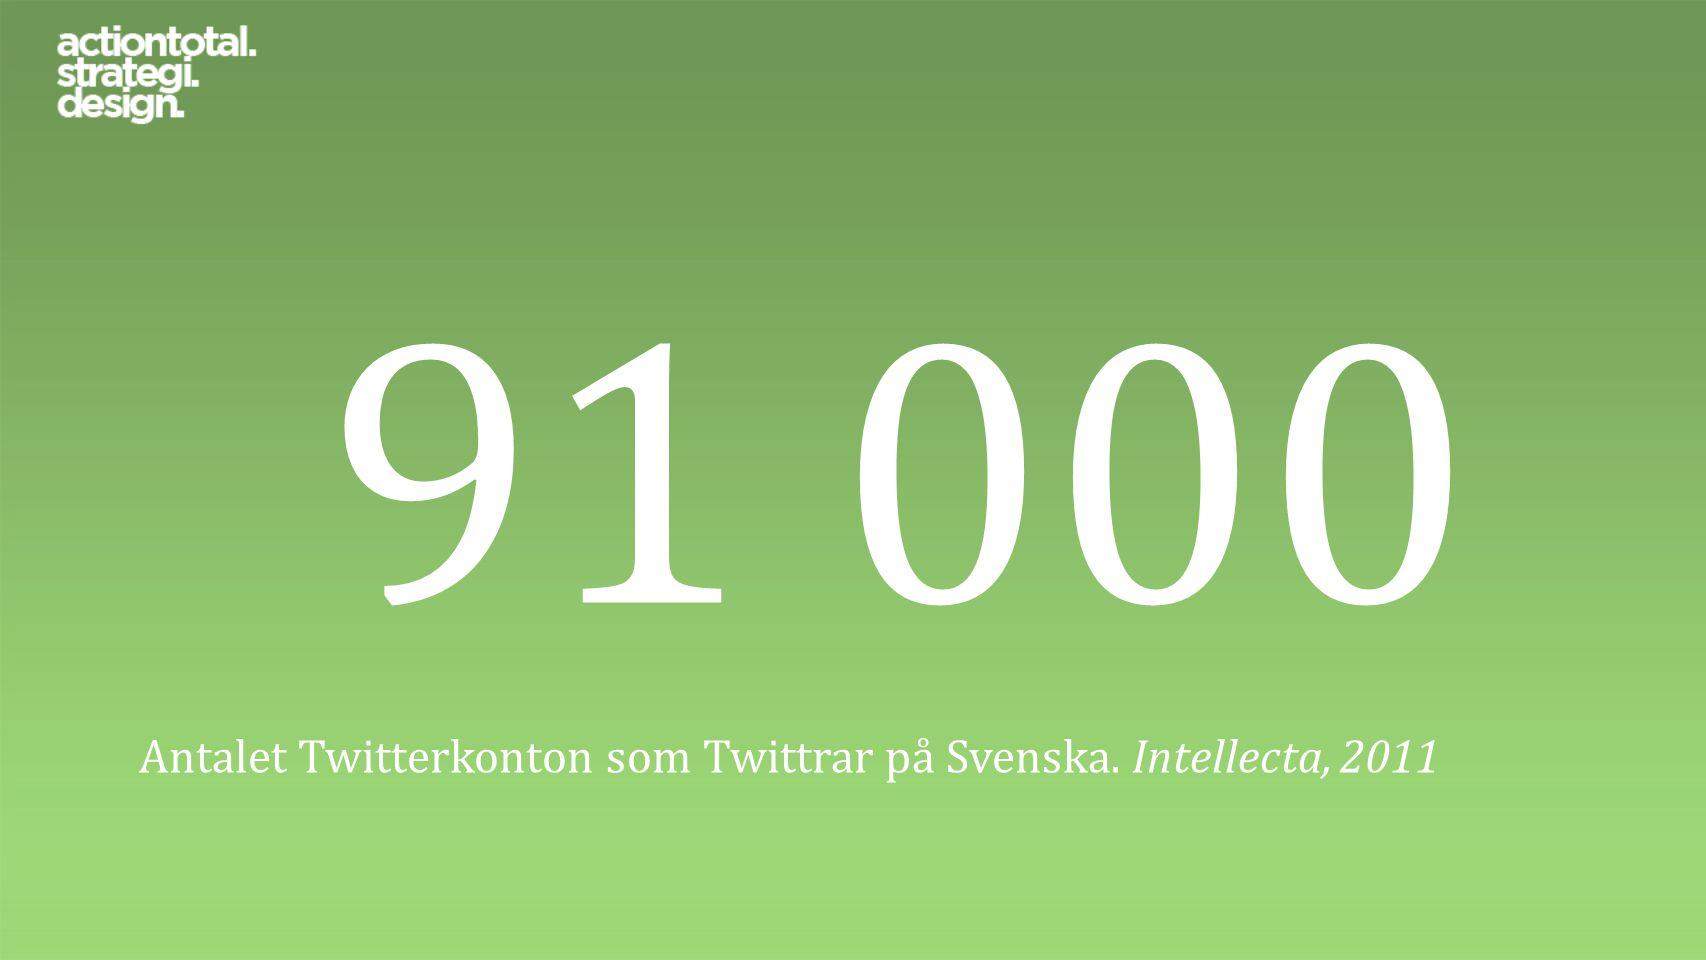 91 000 Antalet Twitterkonton som Twittrar på Svenska. Intellecta, 2011